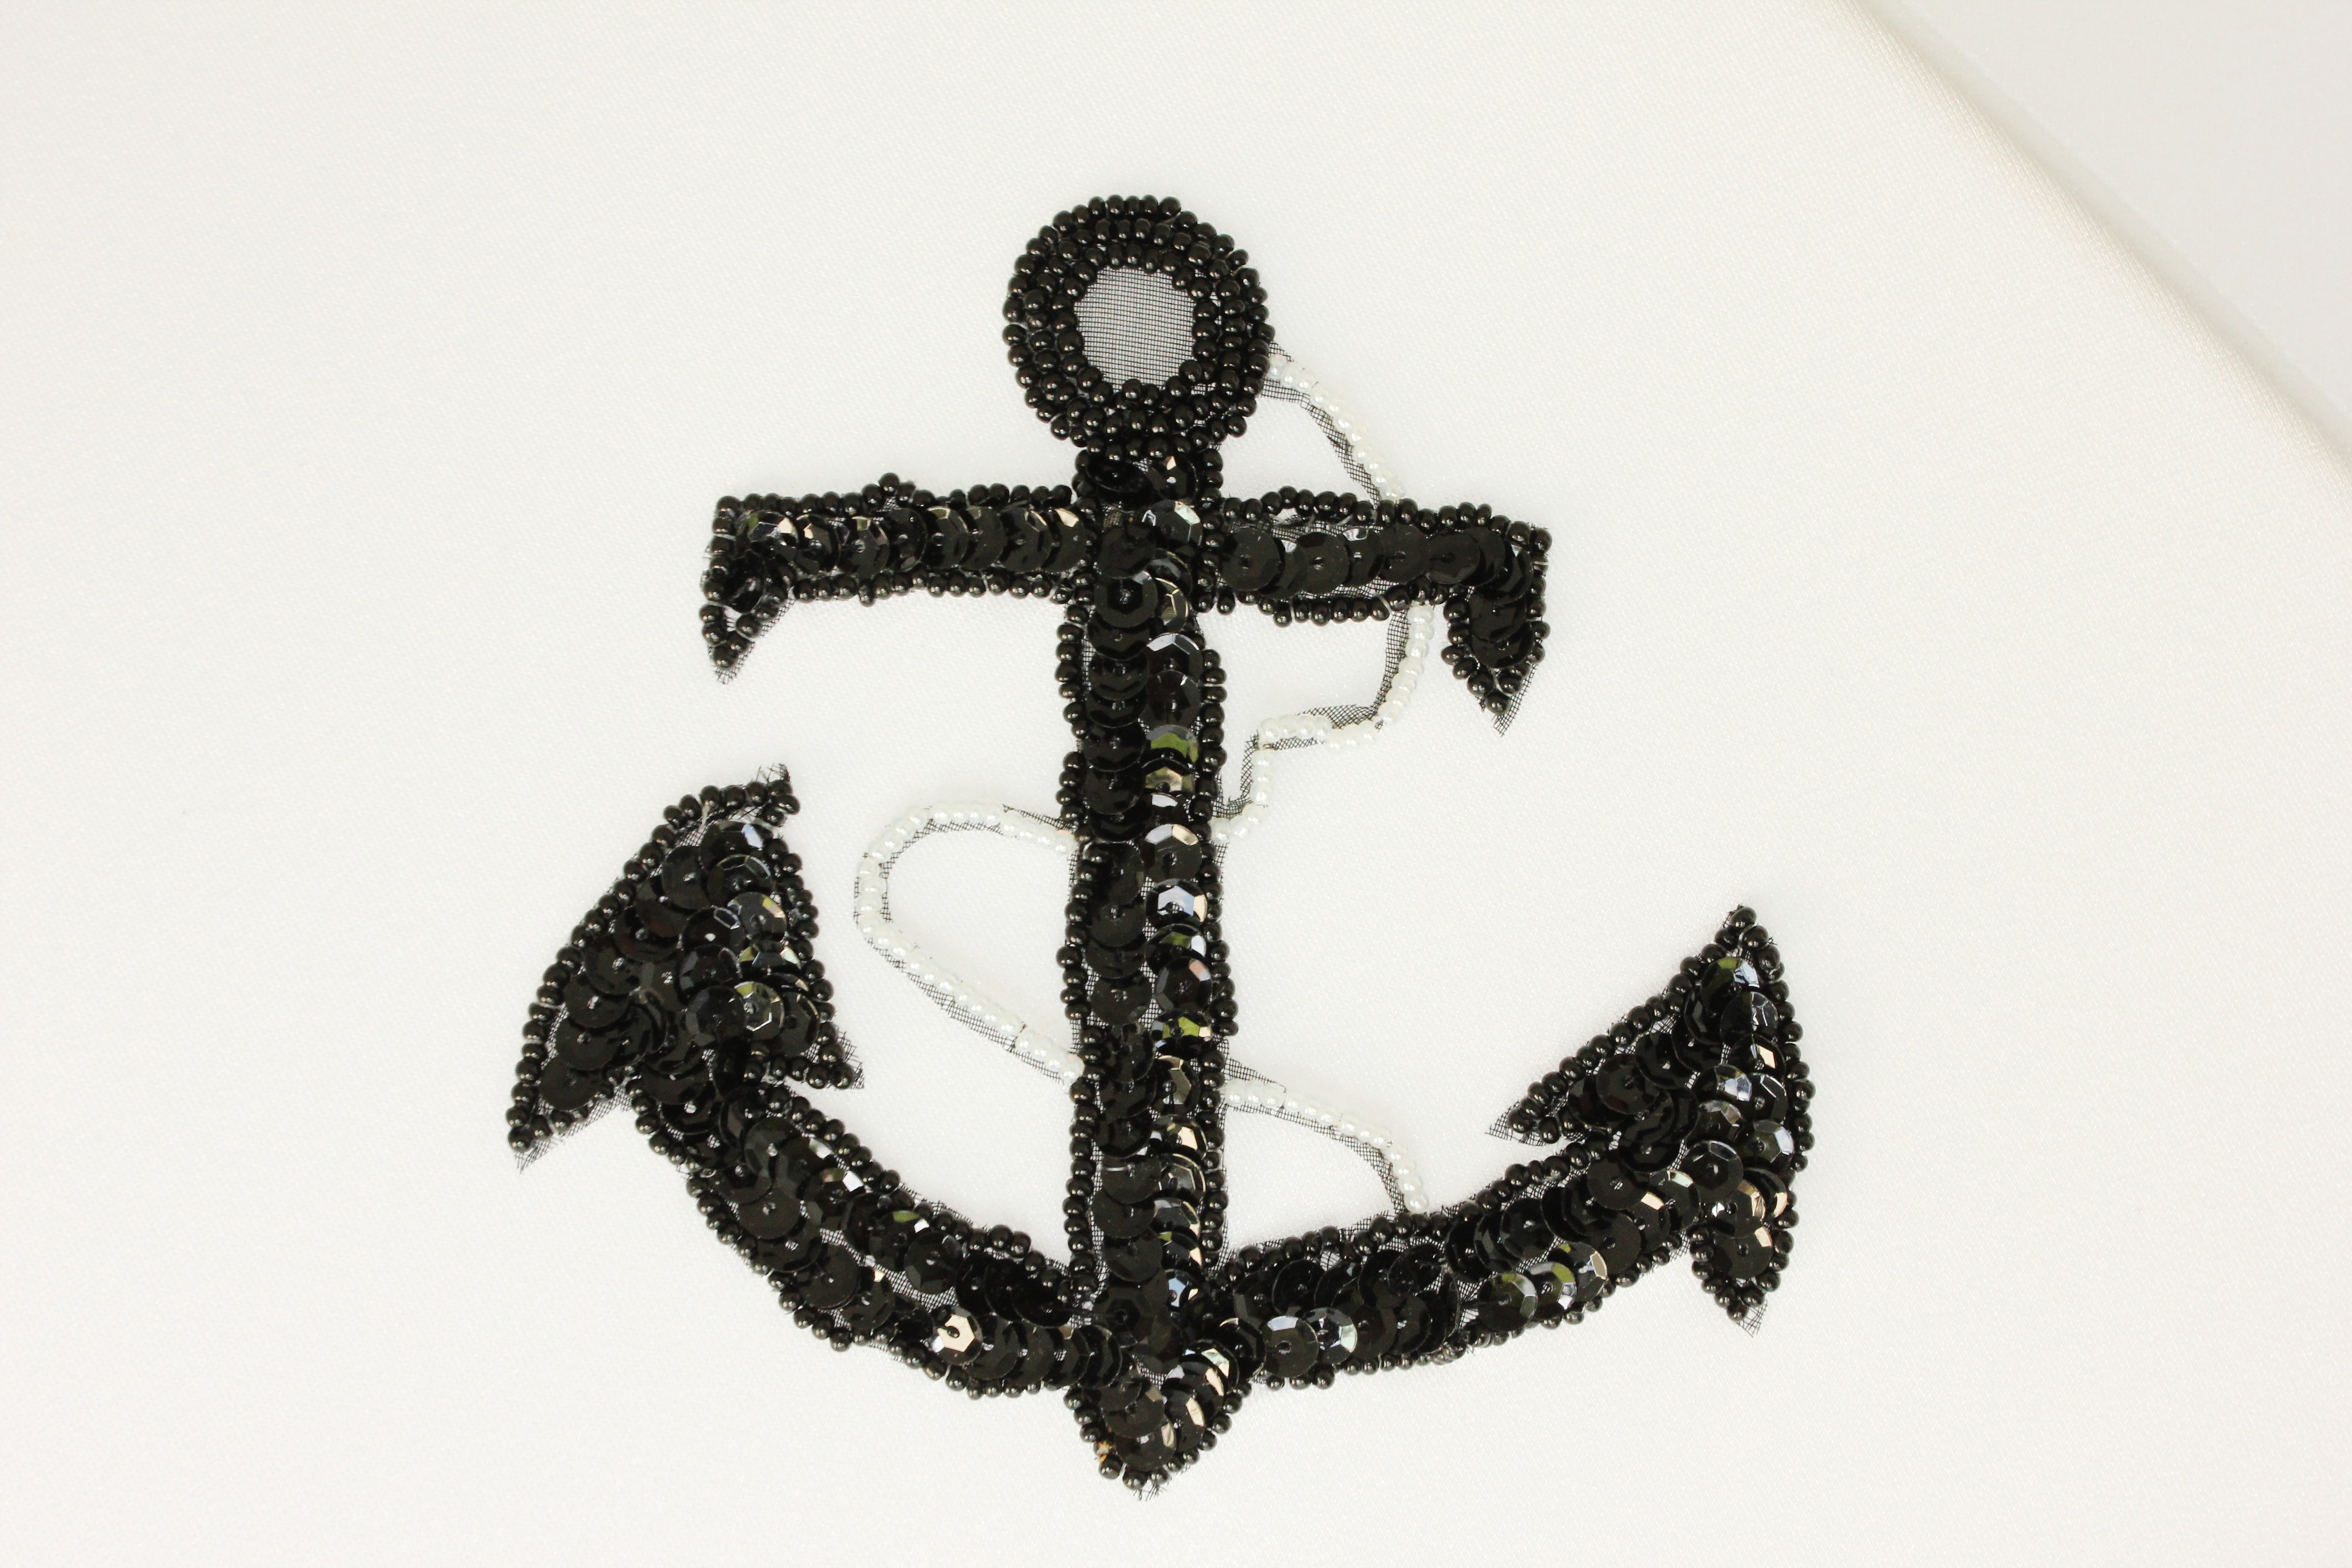 Black and white anchor home le parasol umbrellas anchor in